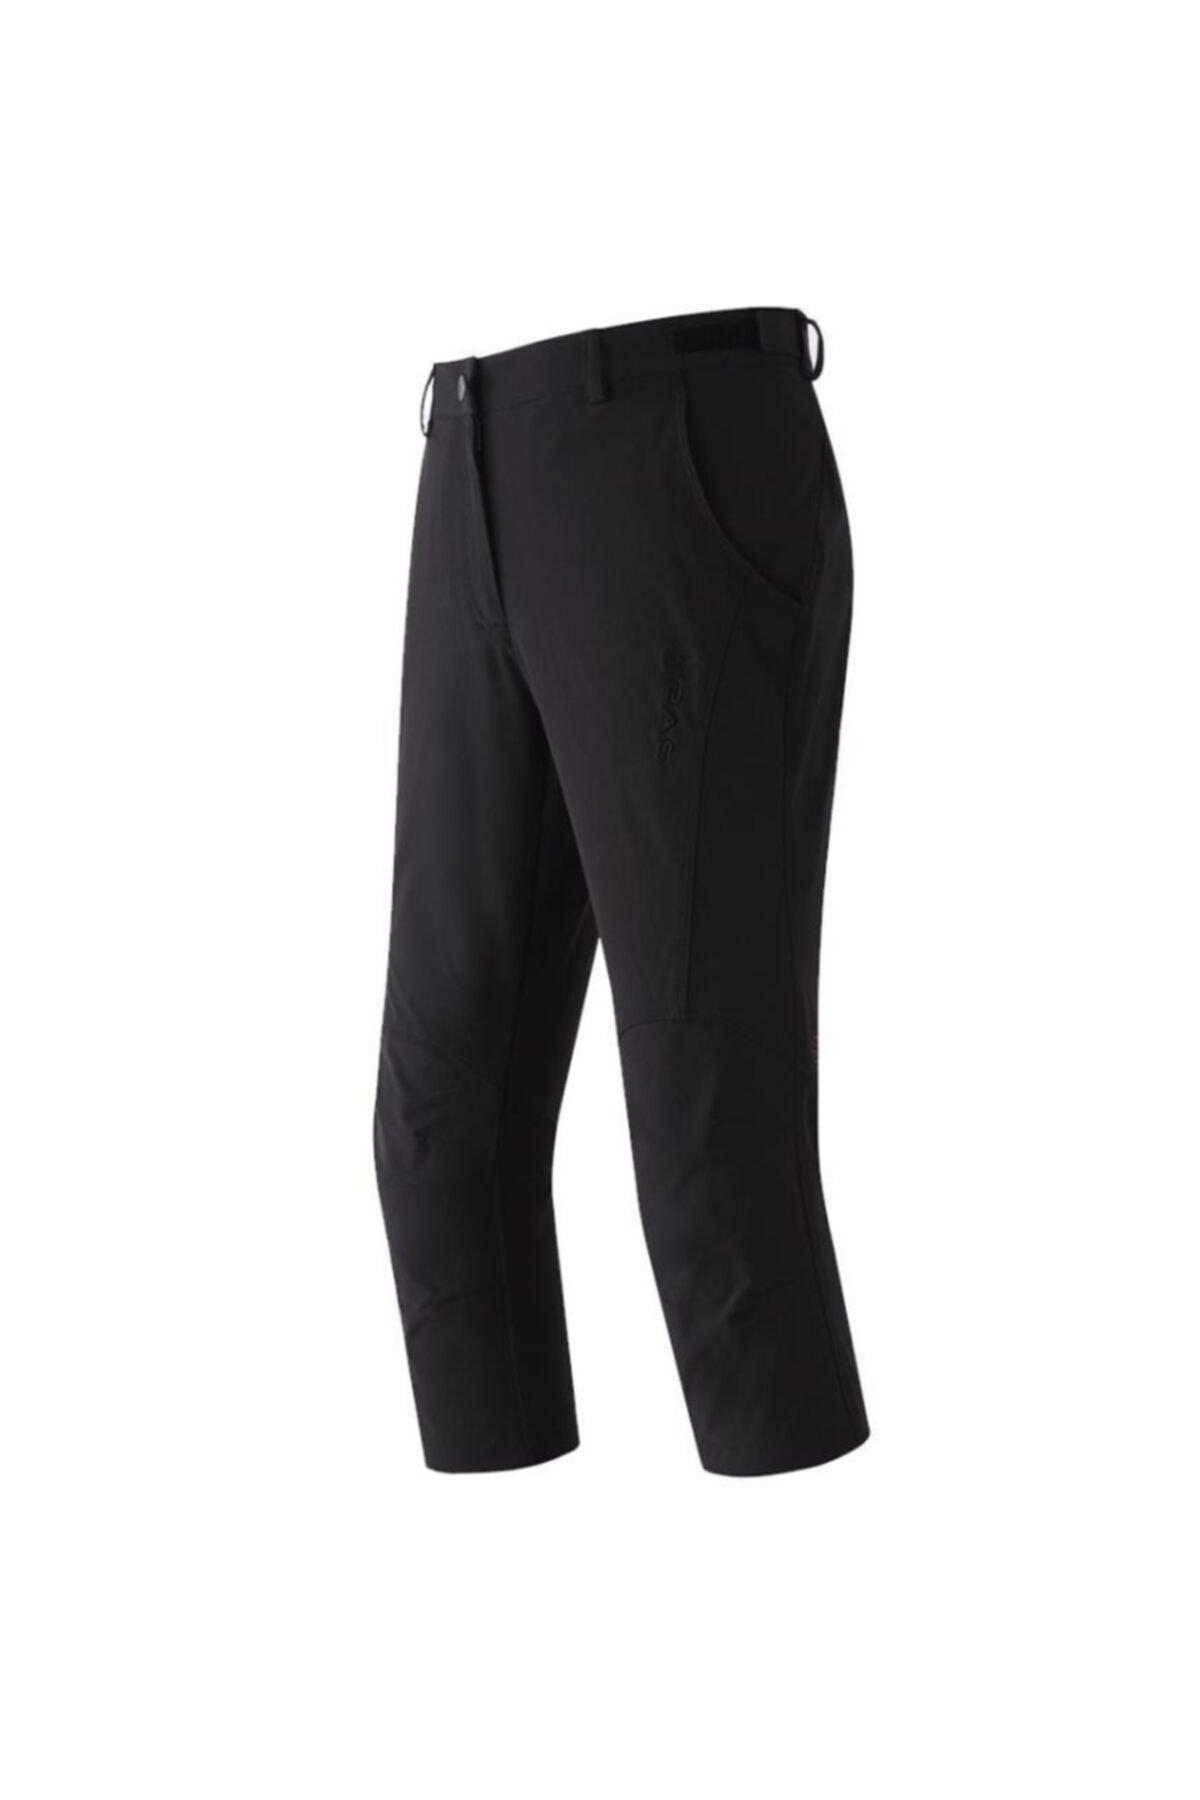 خرید شلوار ورزشی مردانه شیک برند 2AS رنگ مشکی کد ty1803997